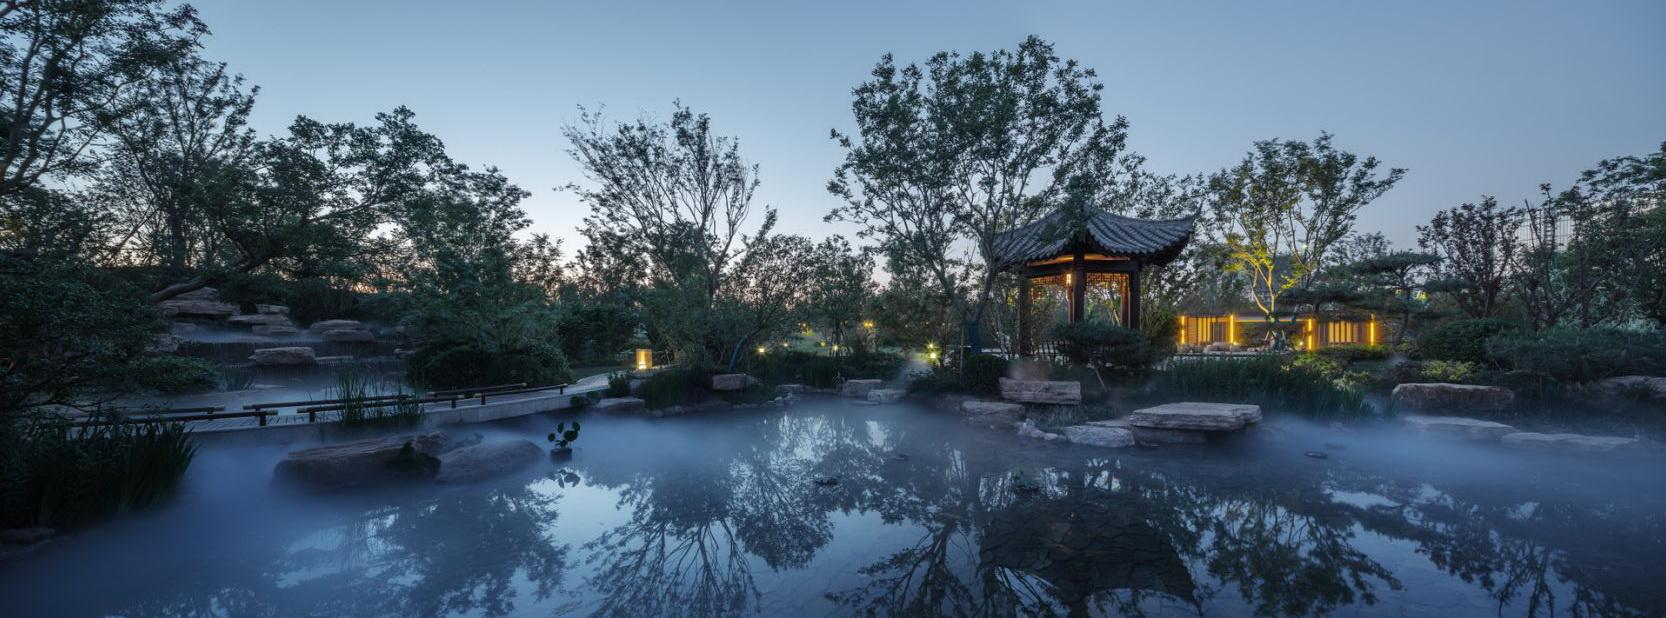 绿地·溱水小镇景观示范区景观设计/墨刻景观